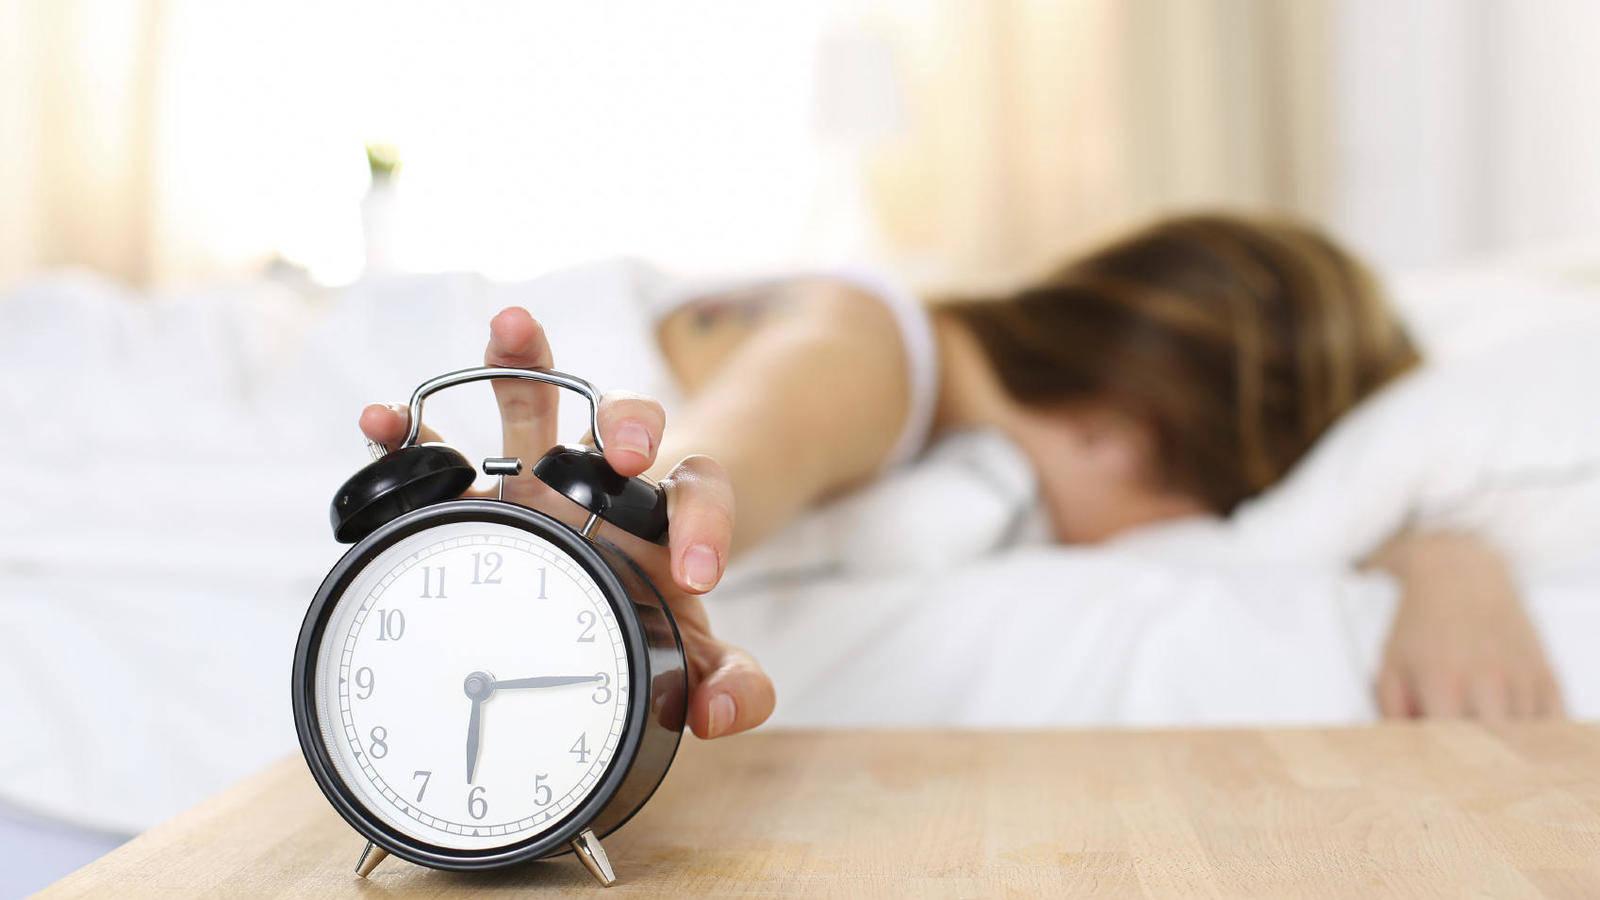 El daño que haces a tu salud cuando apagas la alarma para dormir cinco minutos más